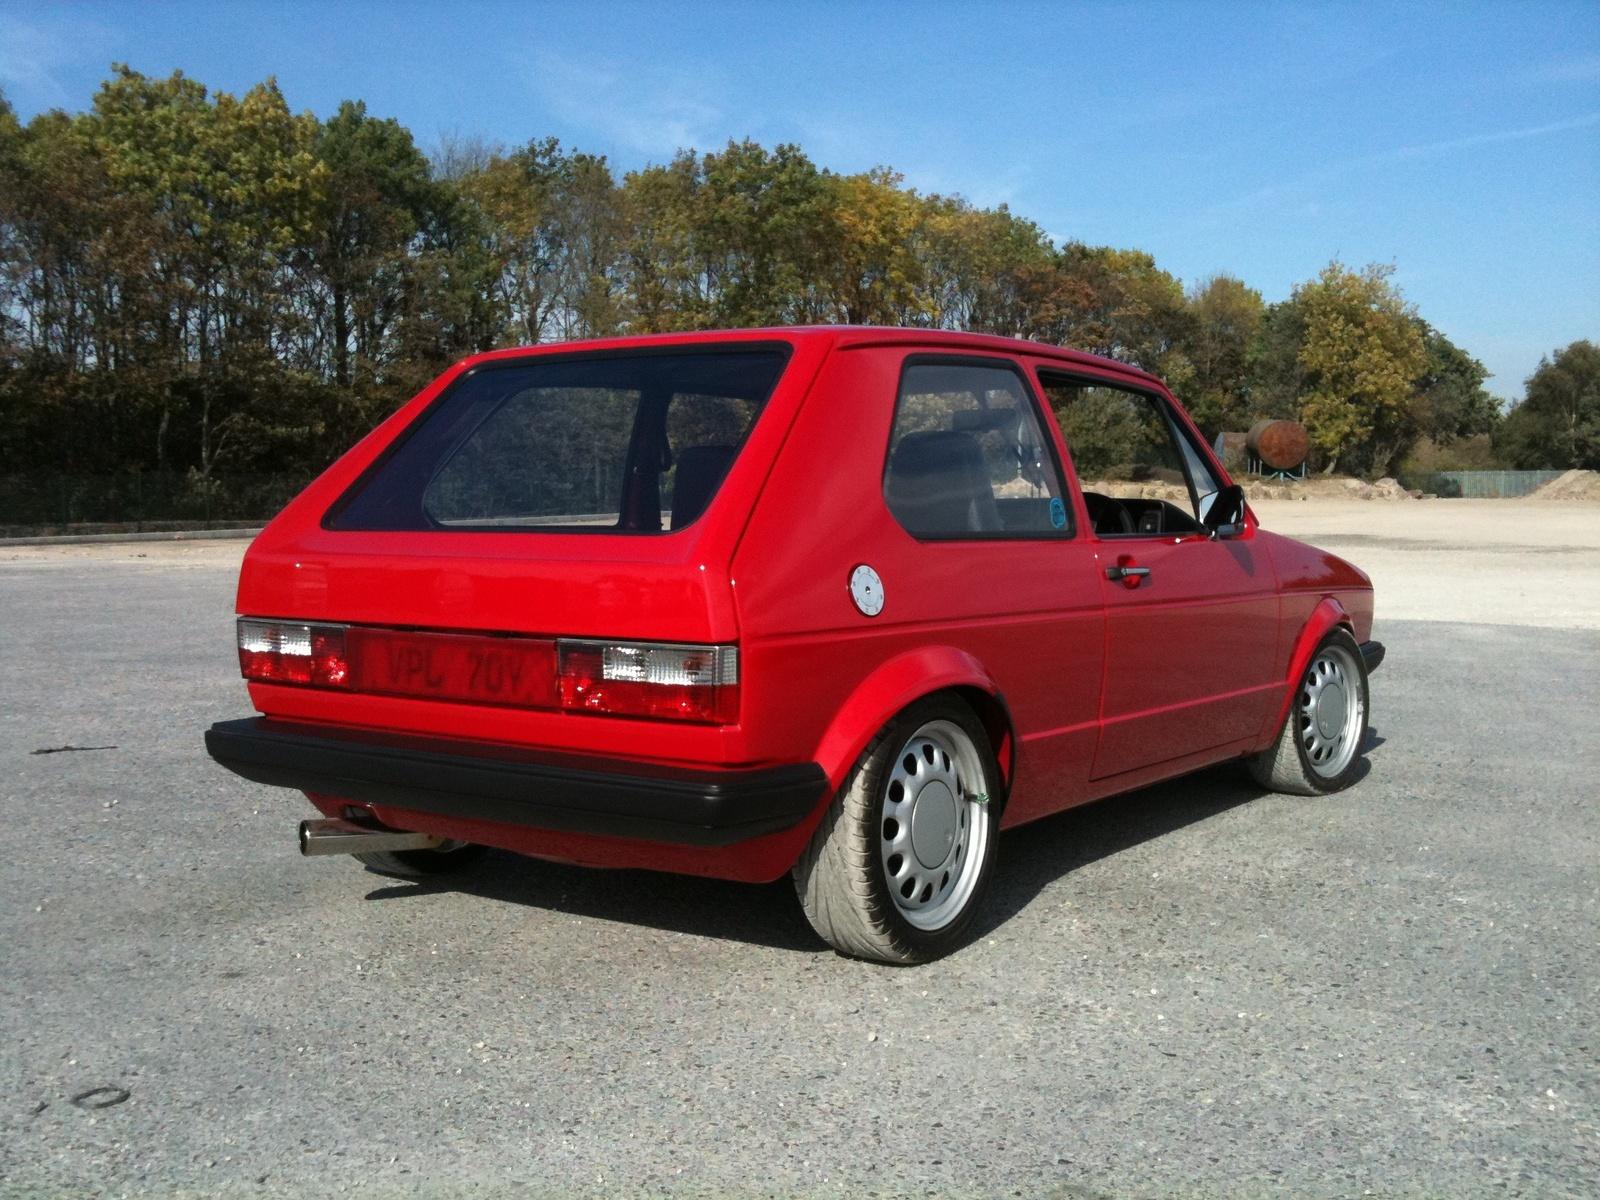 1982 Volkswagen Rabbit - Overview - CarGurus